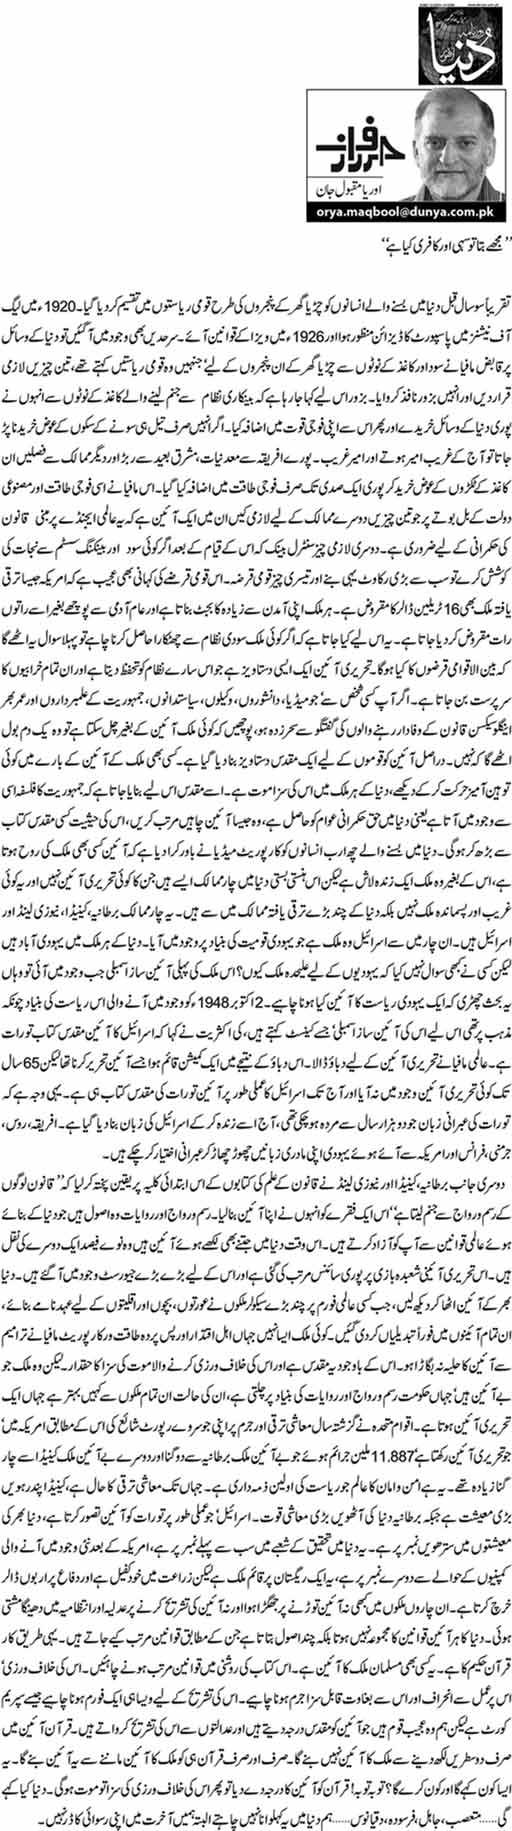 """""""Mujhay Bata To Sahi Aur Kafiri Kya Hai"""" - Orya Maqbool Jan"""